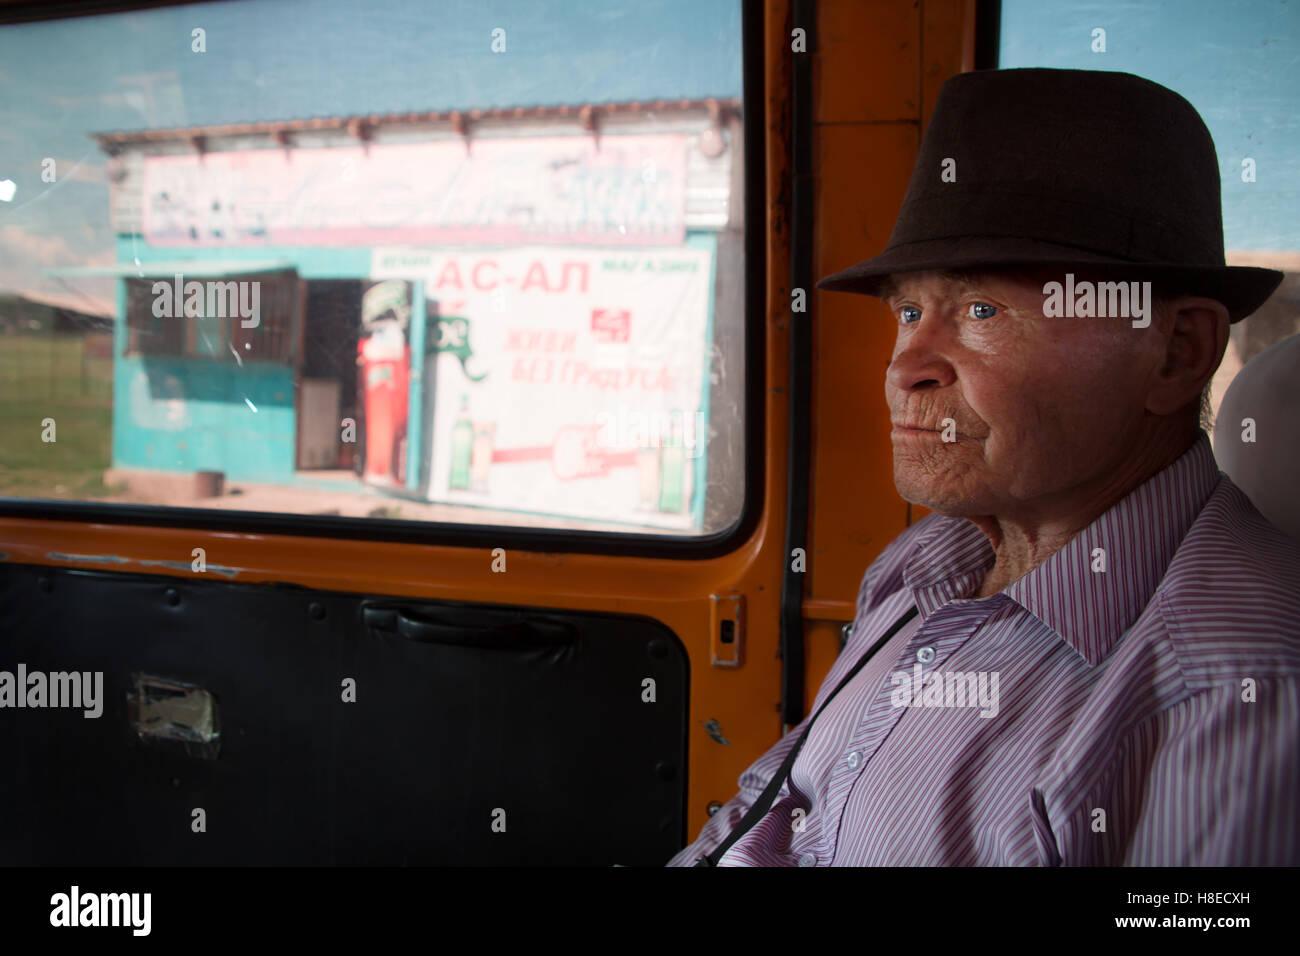 Kyrgyzstan - immagini - Persone di viaggio in Asia centrale Immagini Stock